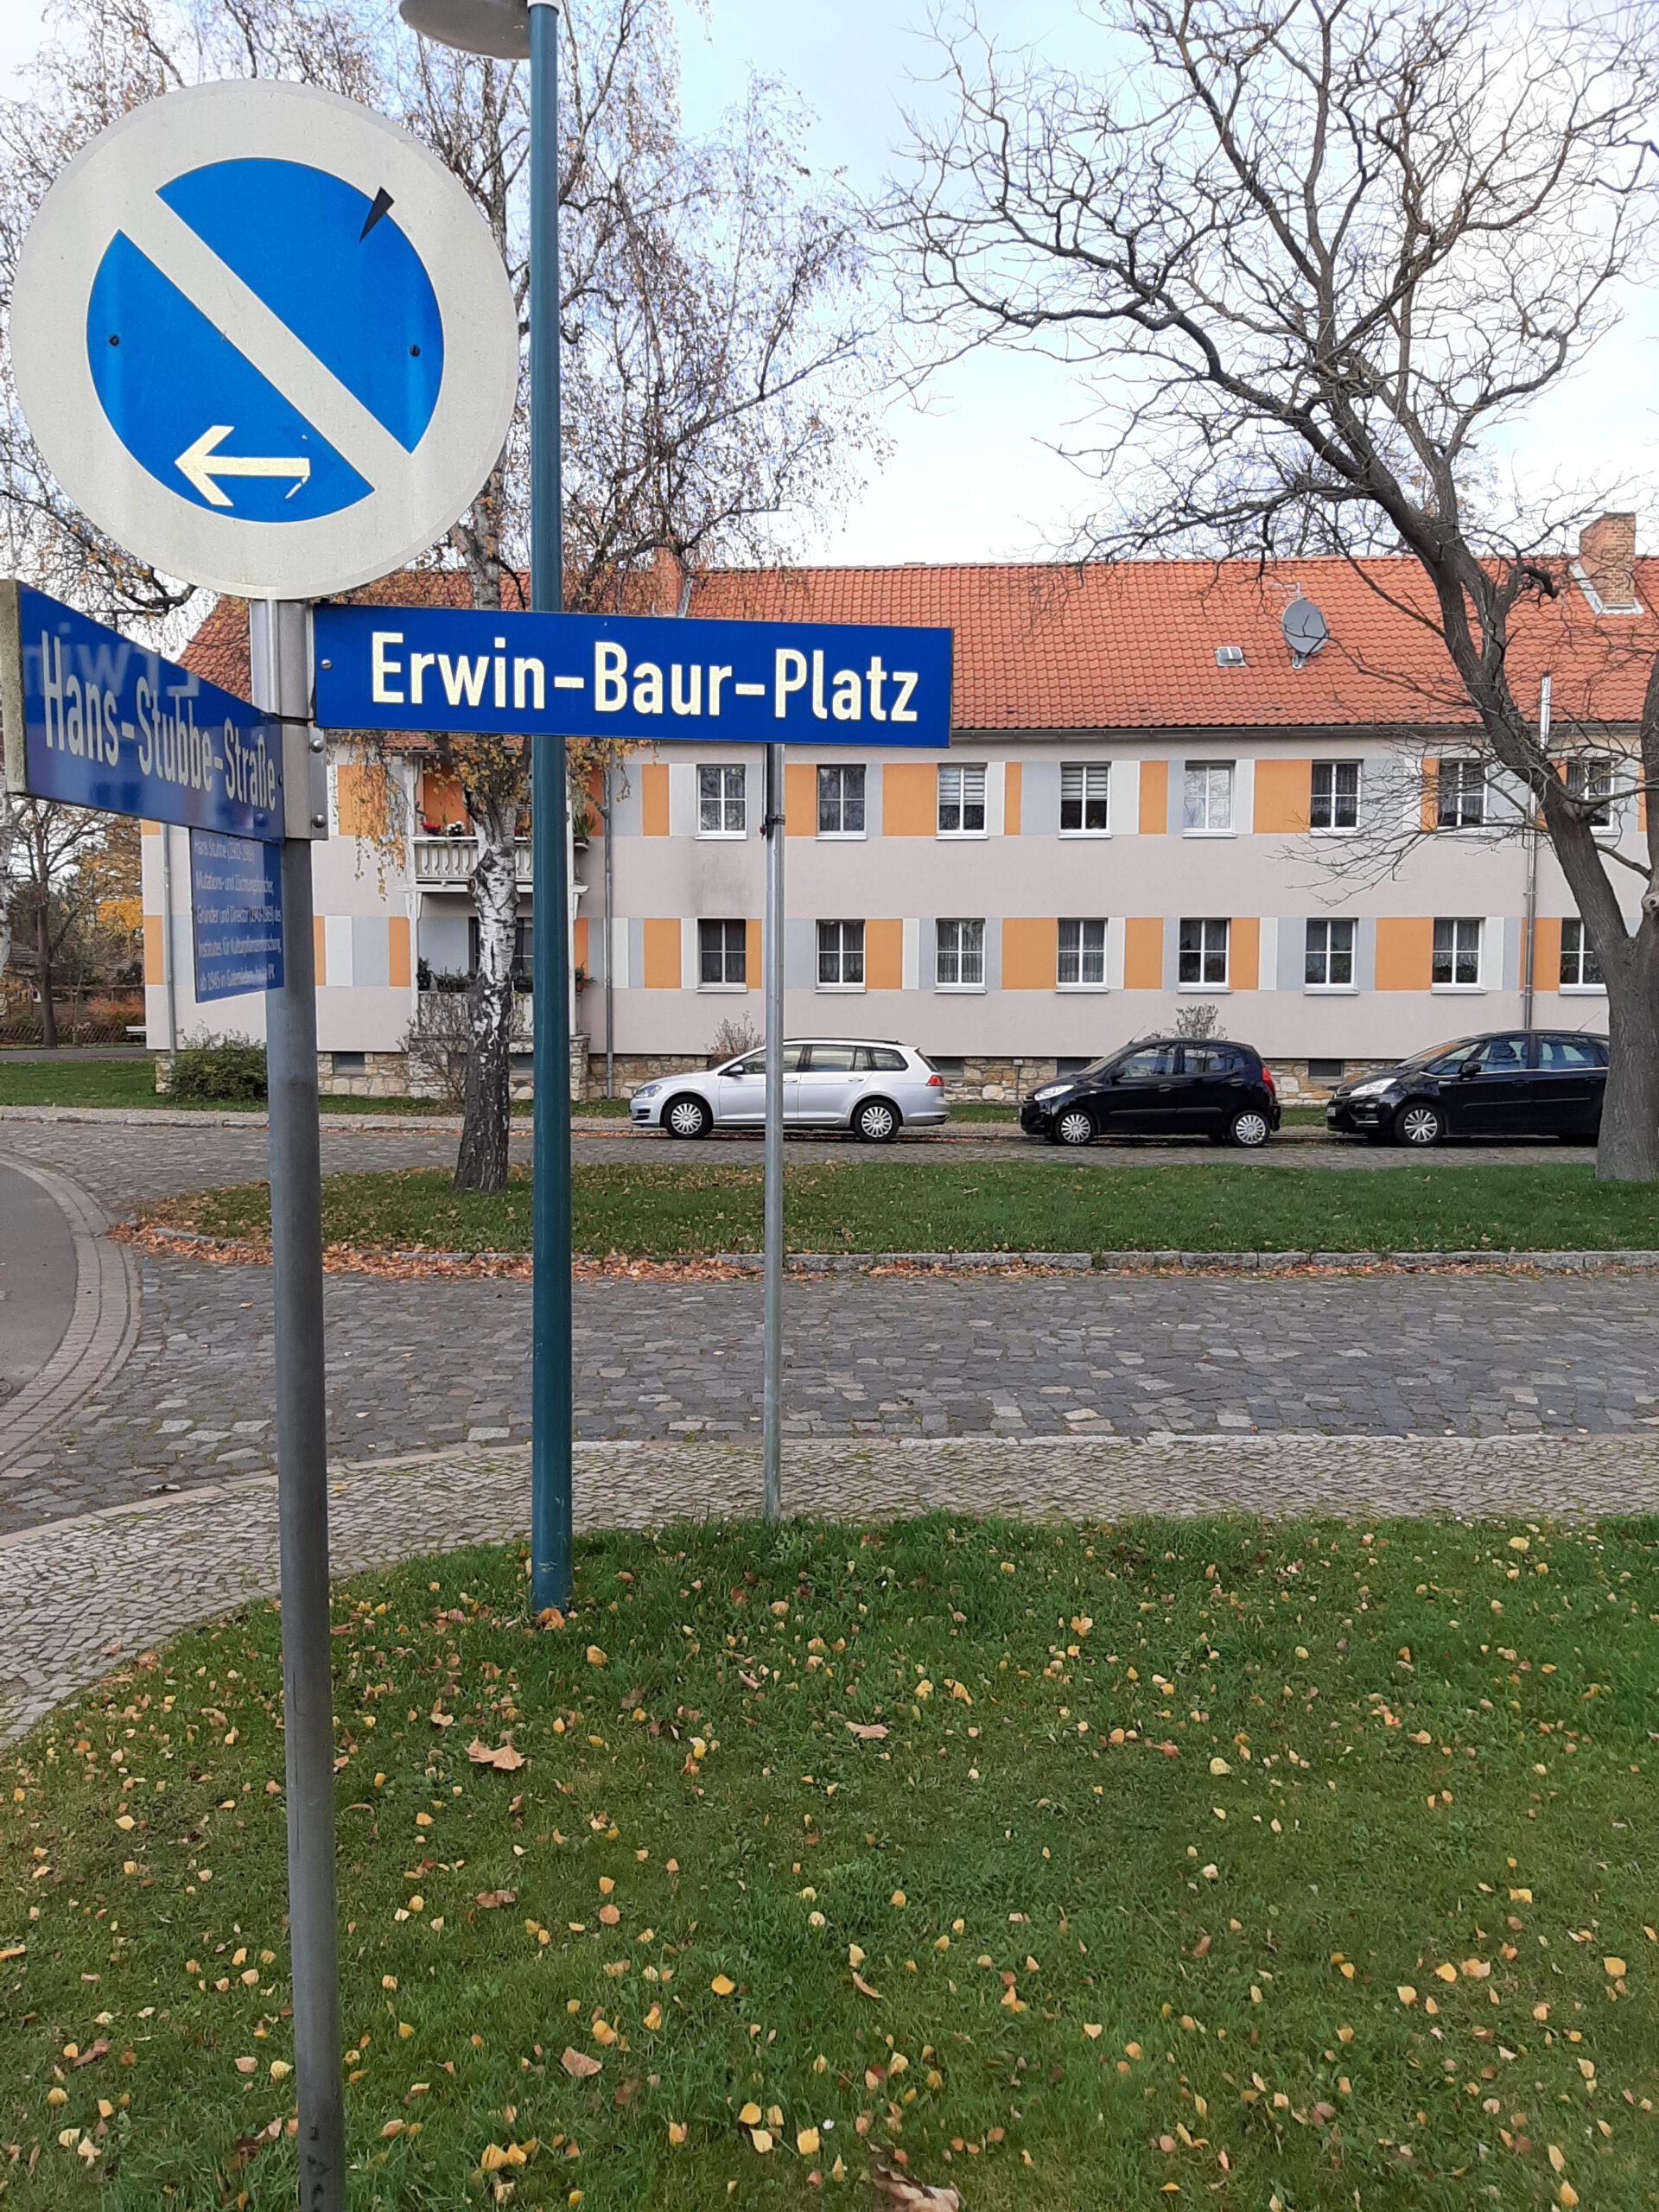 Erwin-Baur-Platz erstmals Thema im Ortschaftsrat